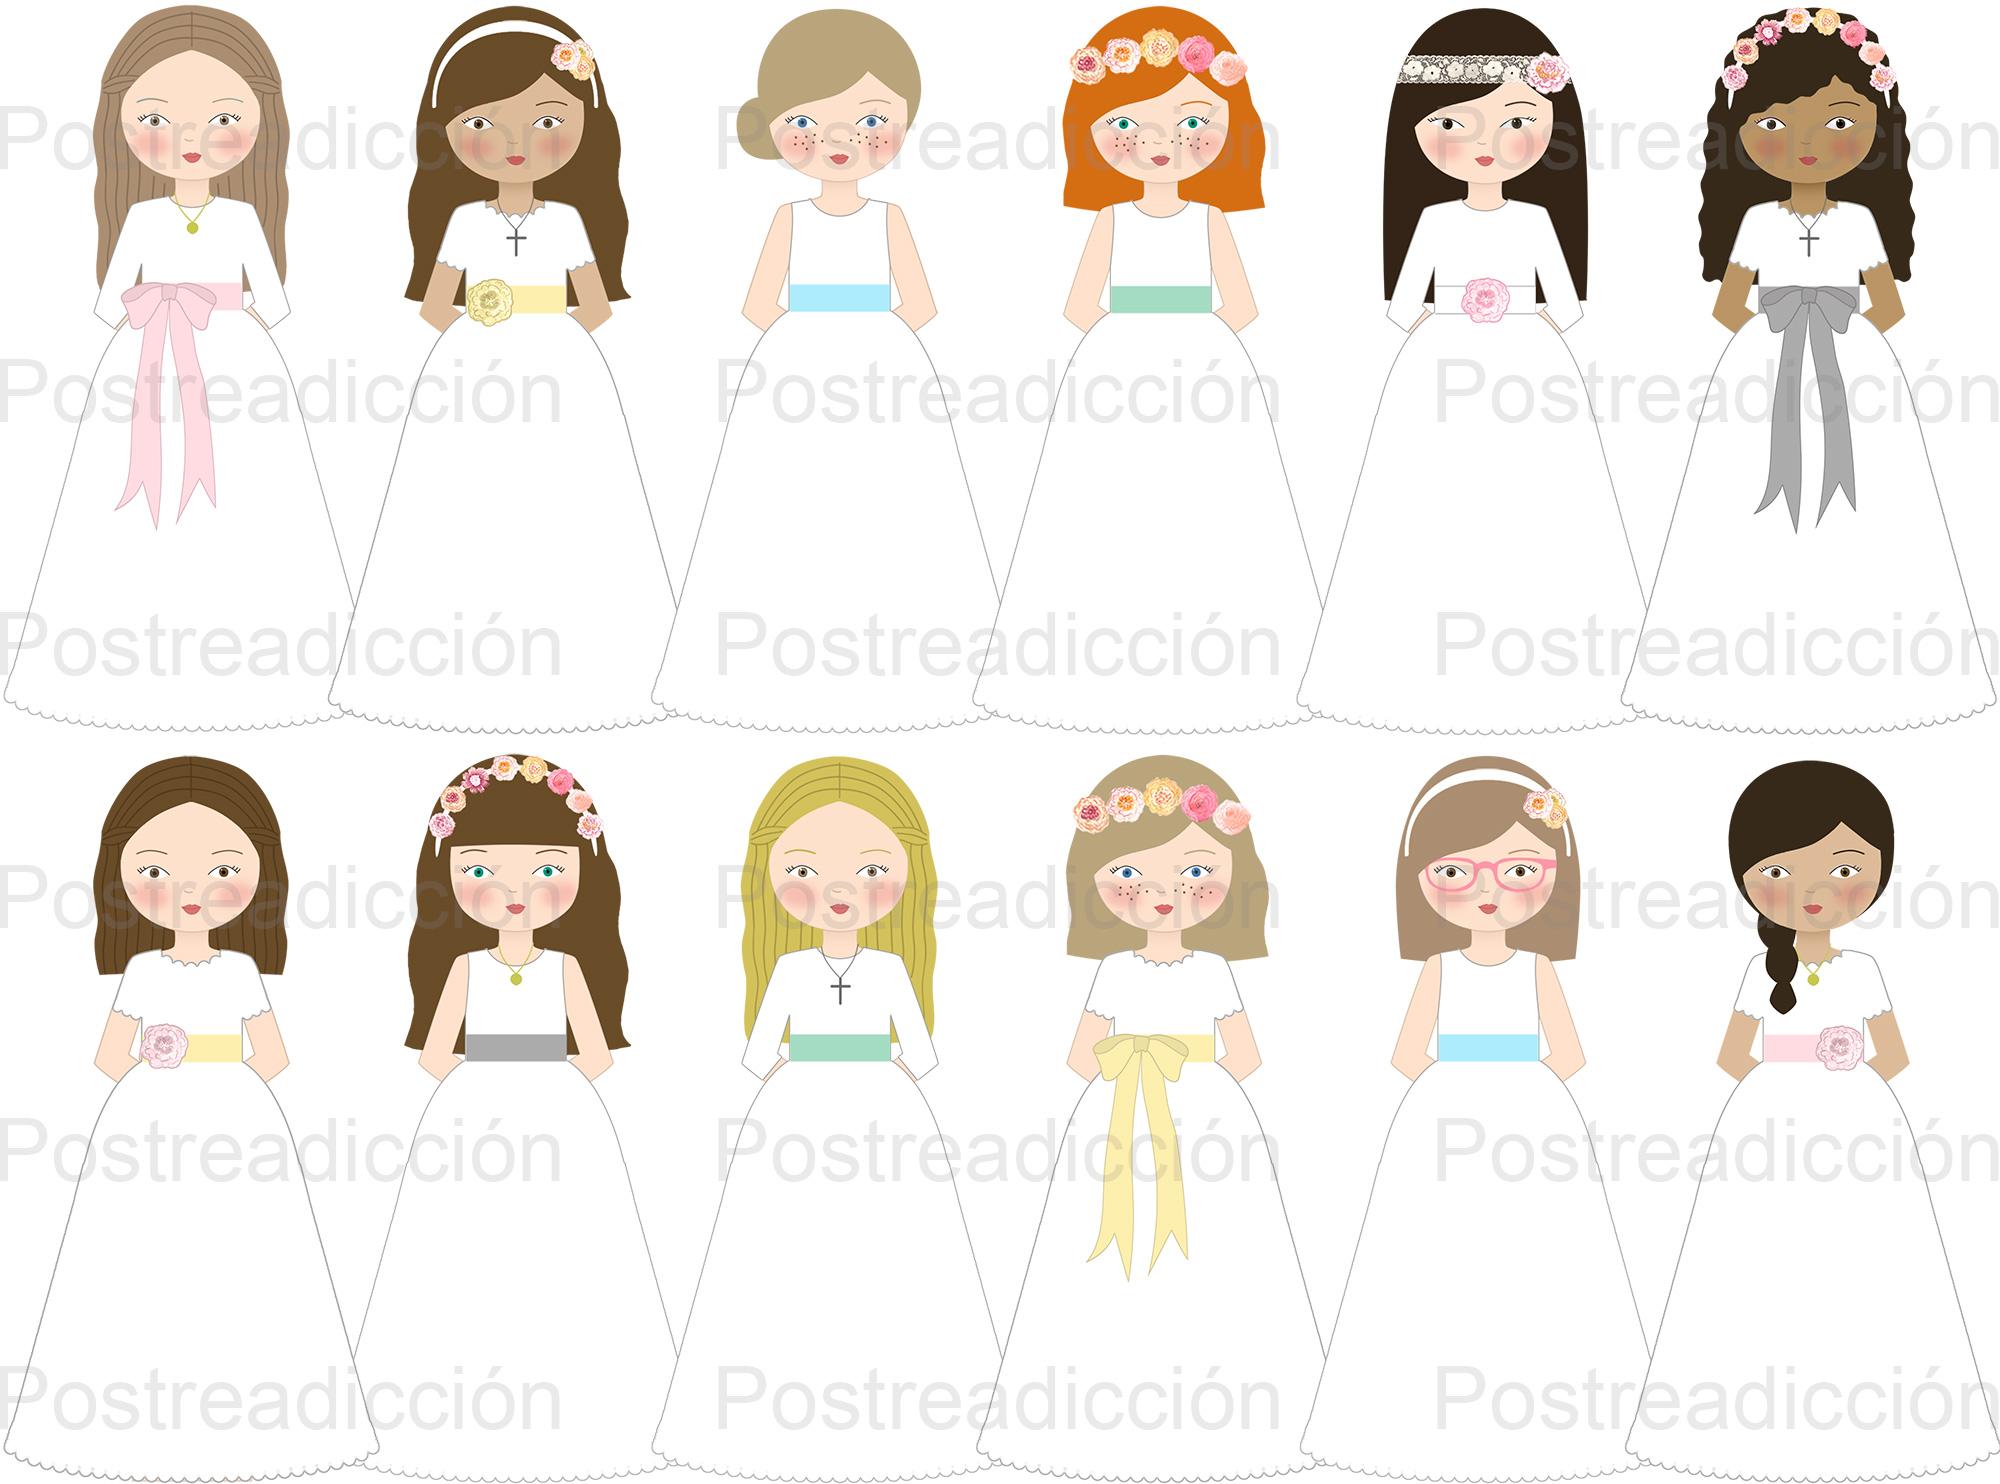 Imagen de producto: https://tienda.postreadiccion.com/img/articulos/secundarias4065-5-chapas-de-comunion-carlota-modelo-no-532-2.jpg